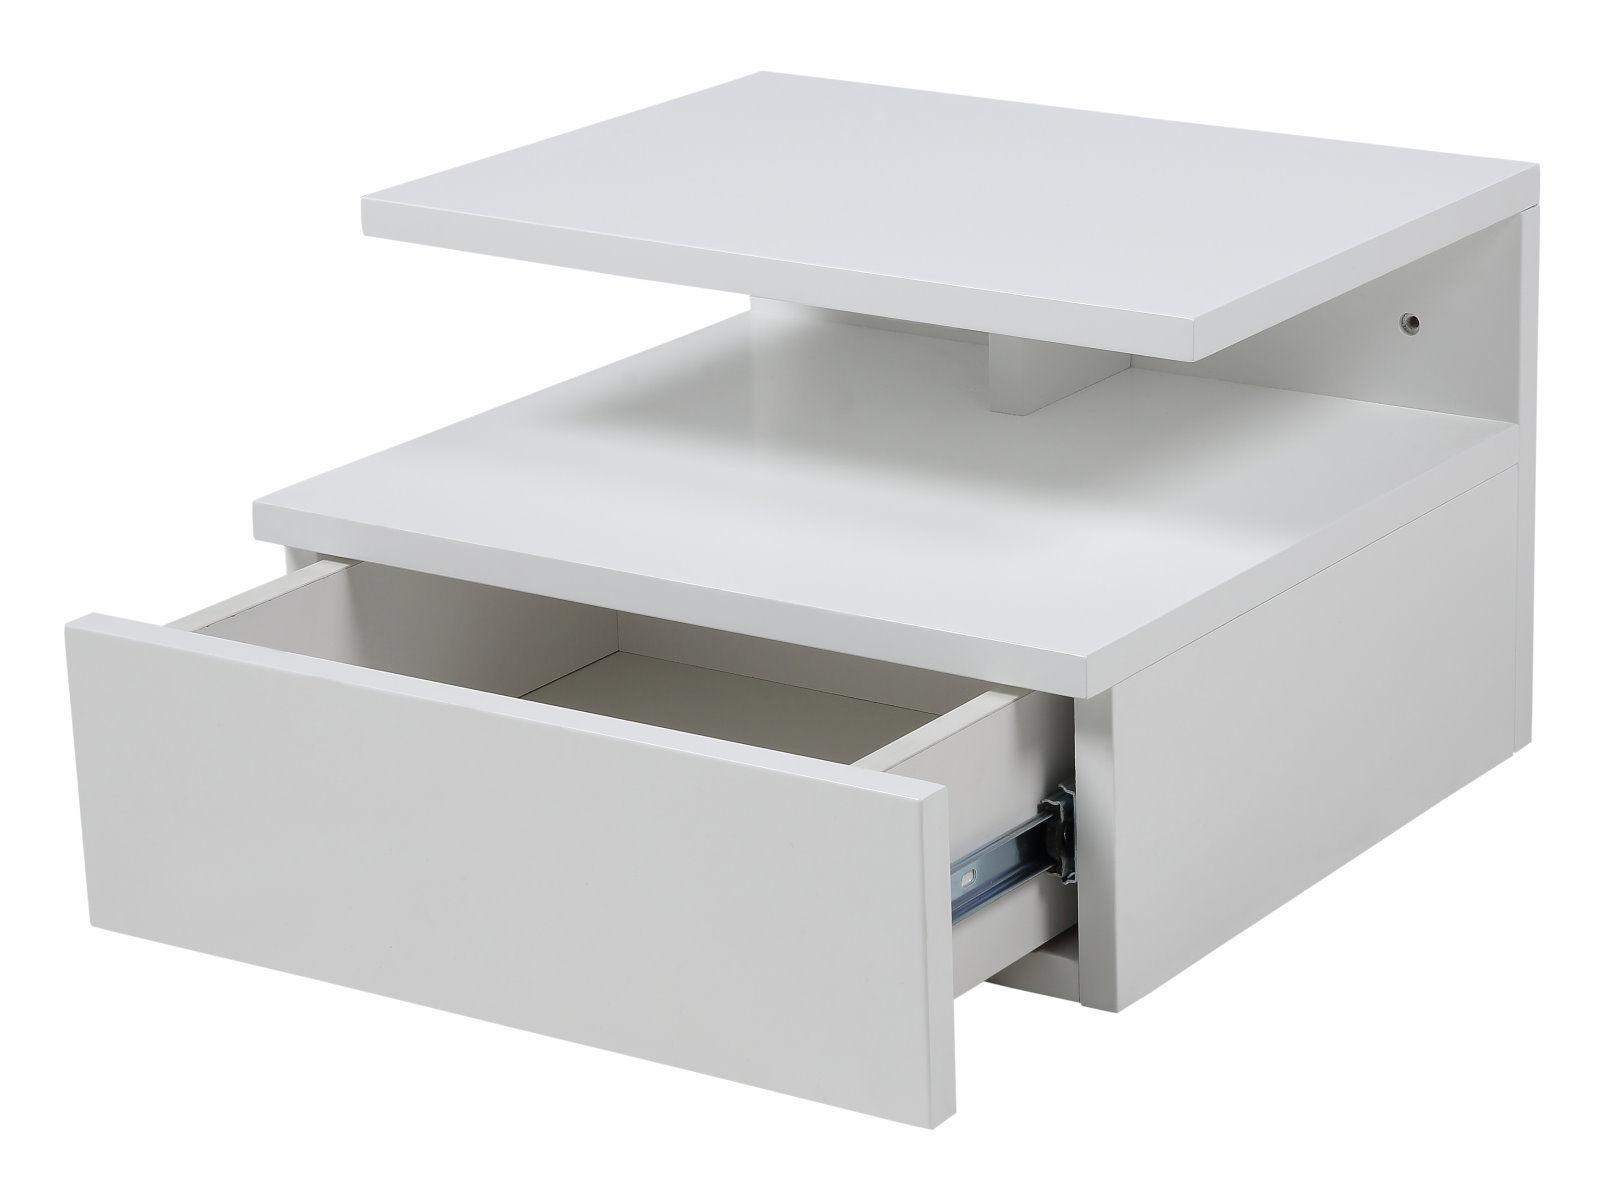 pkline nachttisch wand nachtkonsole schlafzimmer wei 5705994697377 ebay. Black Bedroom Furniture Sets. Home Design Ideas